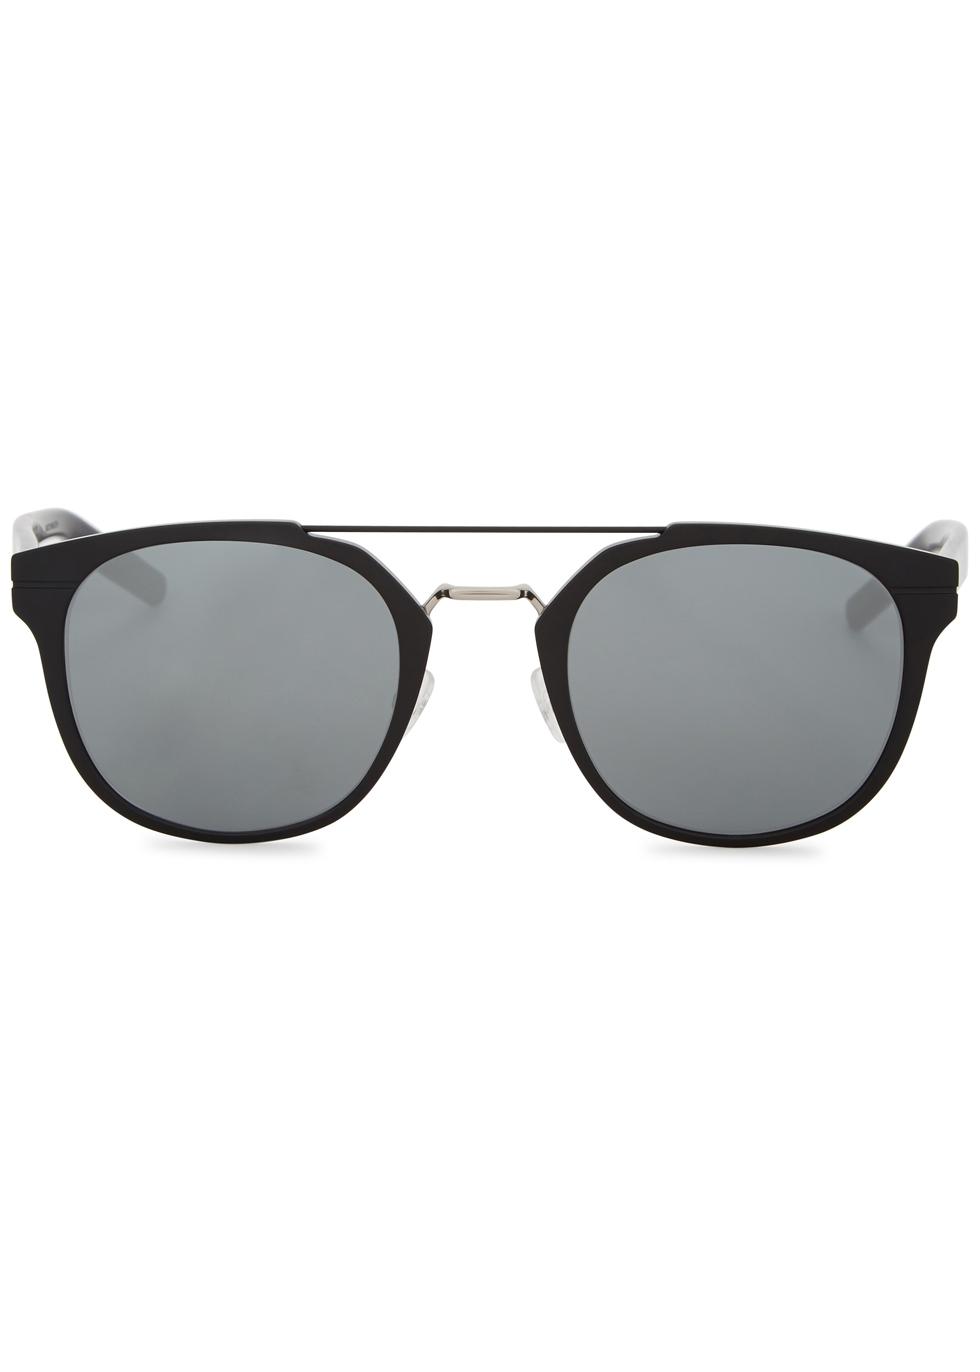 Dior Ali 3.5 black clubmaster-style sunglasses - Dior Homme